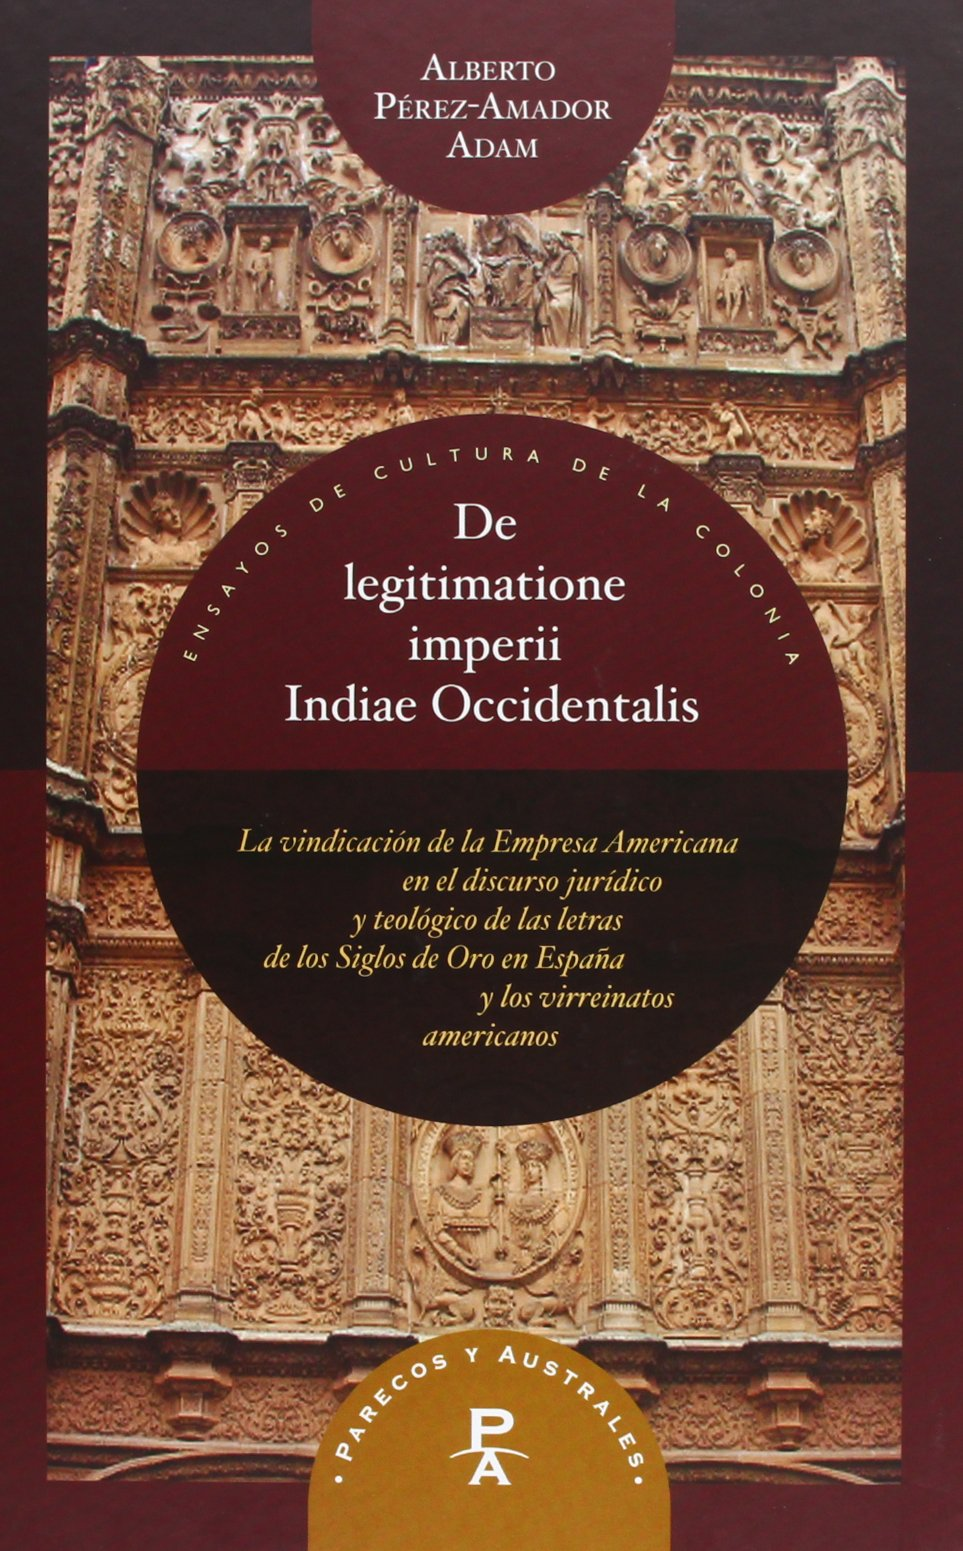 La vindicación de la Empresa Americana en el discurso jurídico y teológico de las letras de los Siglos de Oro en España y los virreinatos americanos: ...